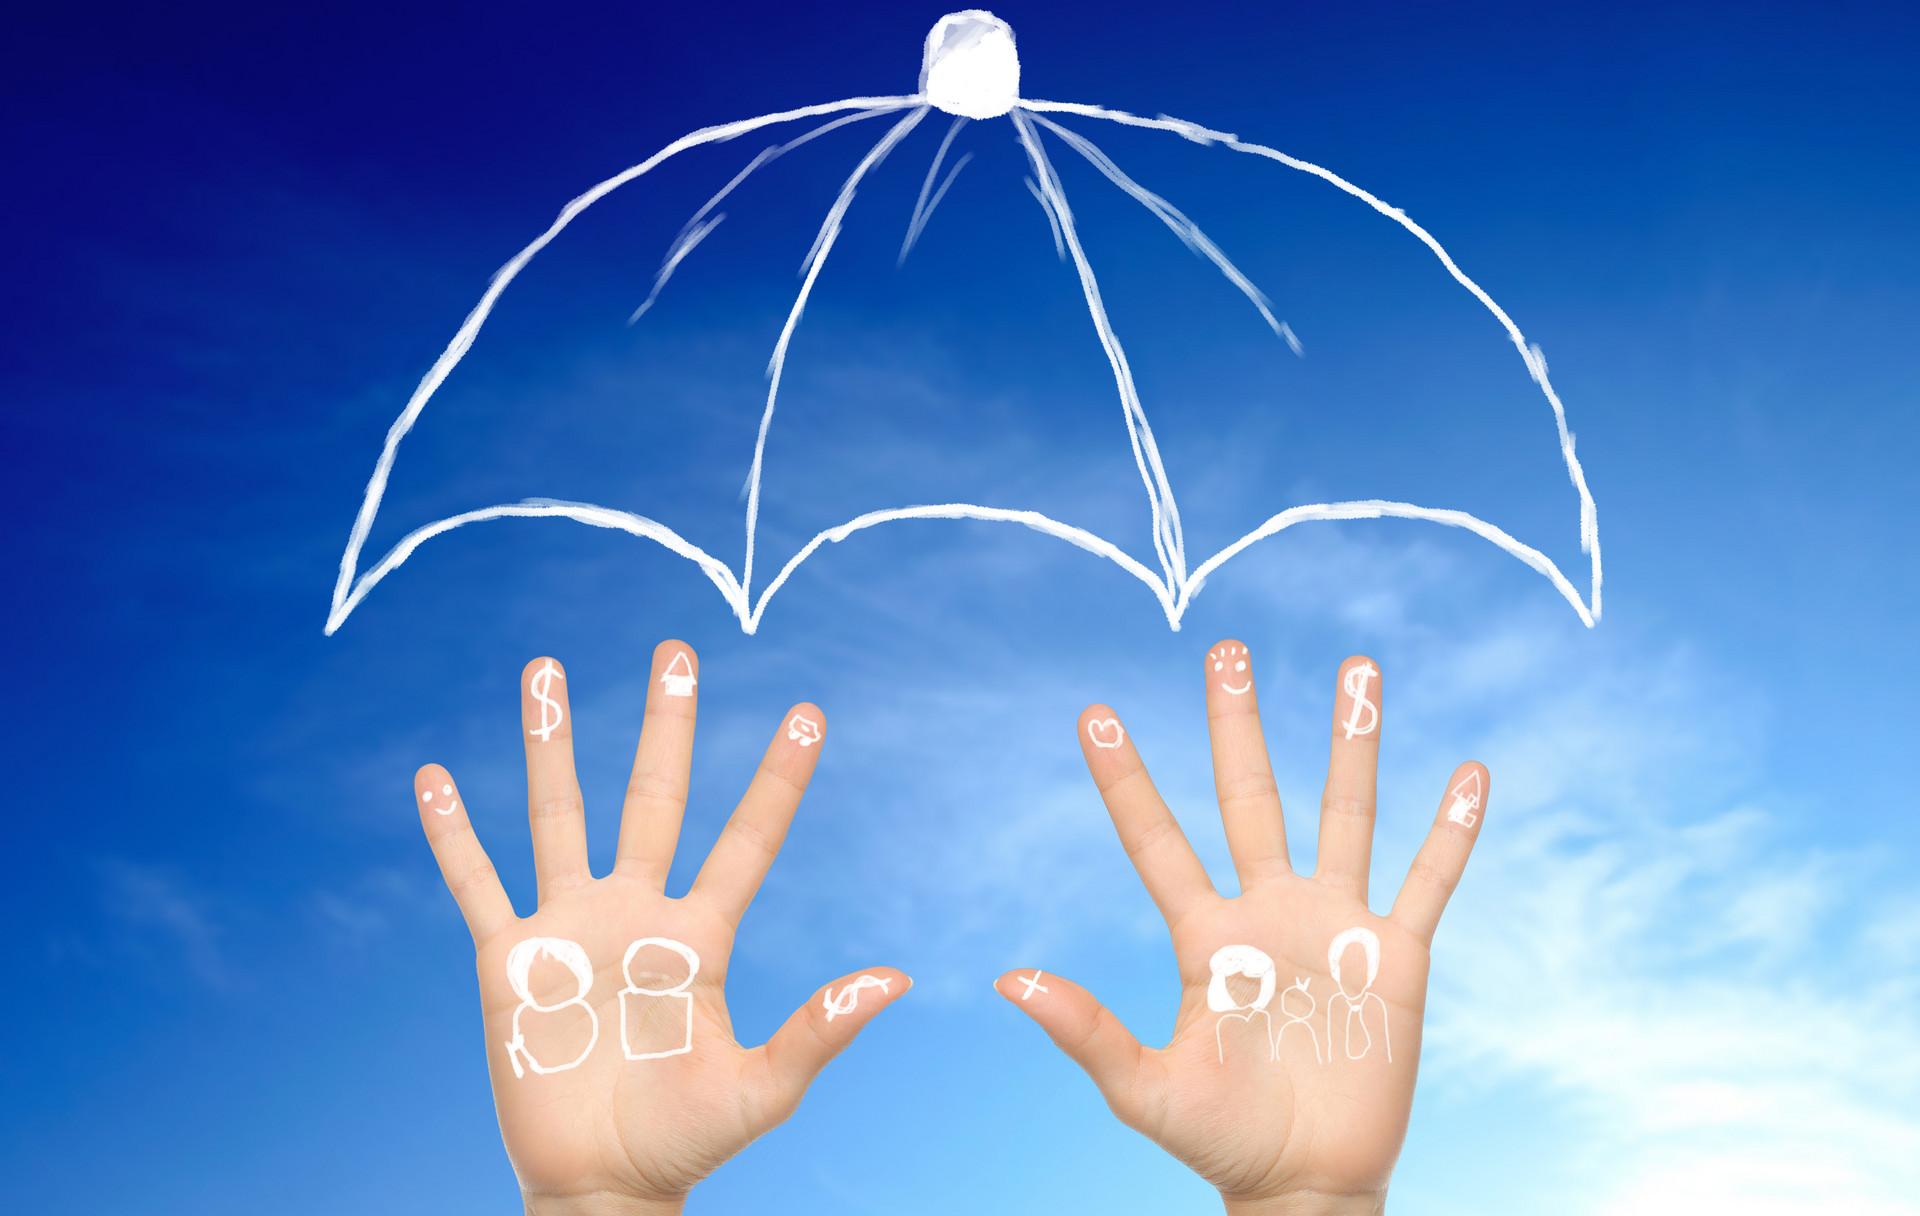 投保单和保险单的区别,投保单包含什么内容